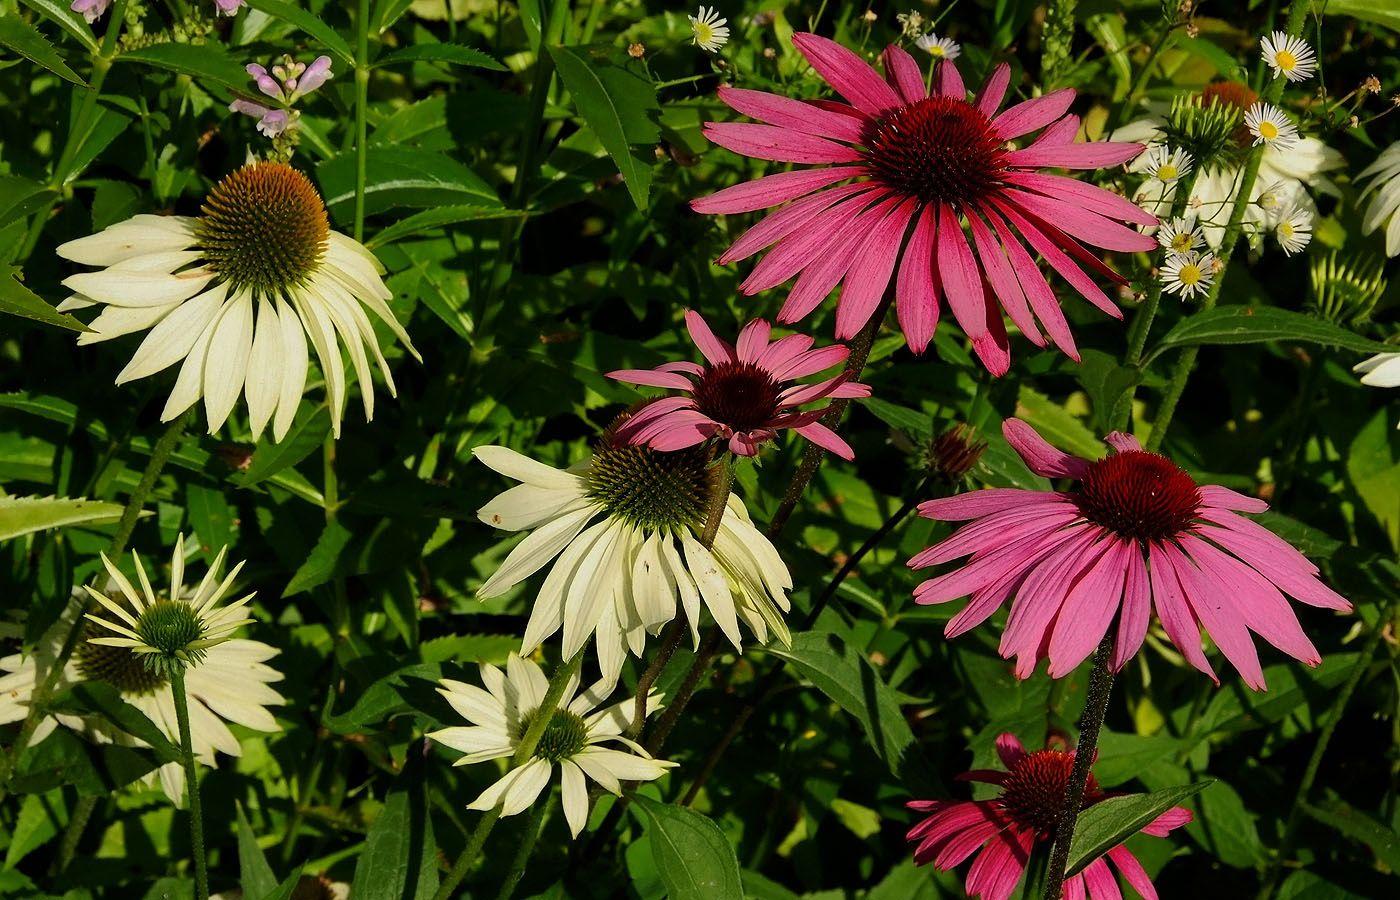 Suche ich den Sonnenschein, ...  und habe keine Zeit, geh ich in meinen Garten, denn der ist gar nicht weit. :-)